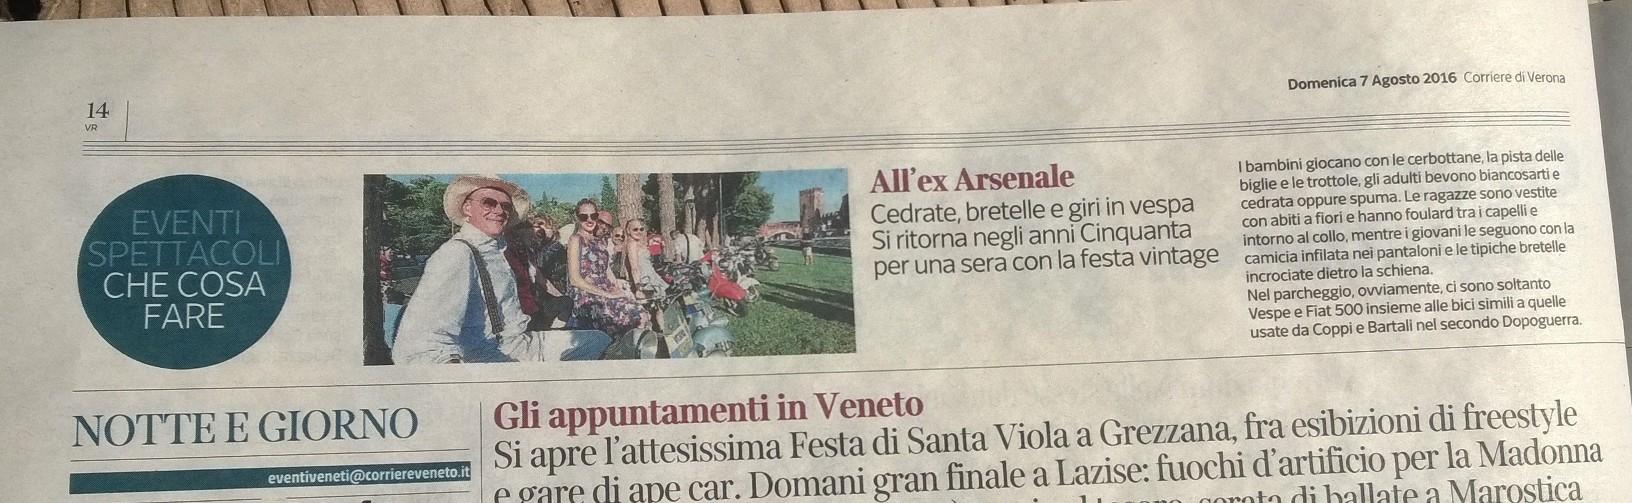 Corriere7_08_2016